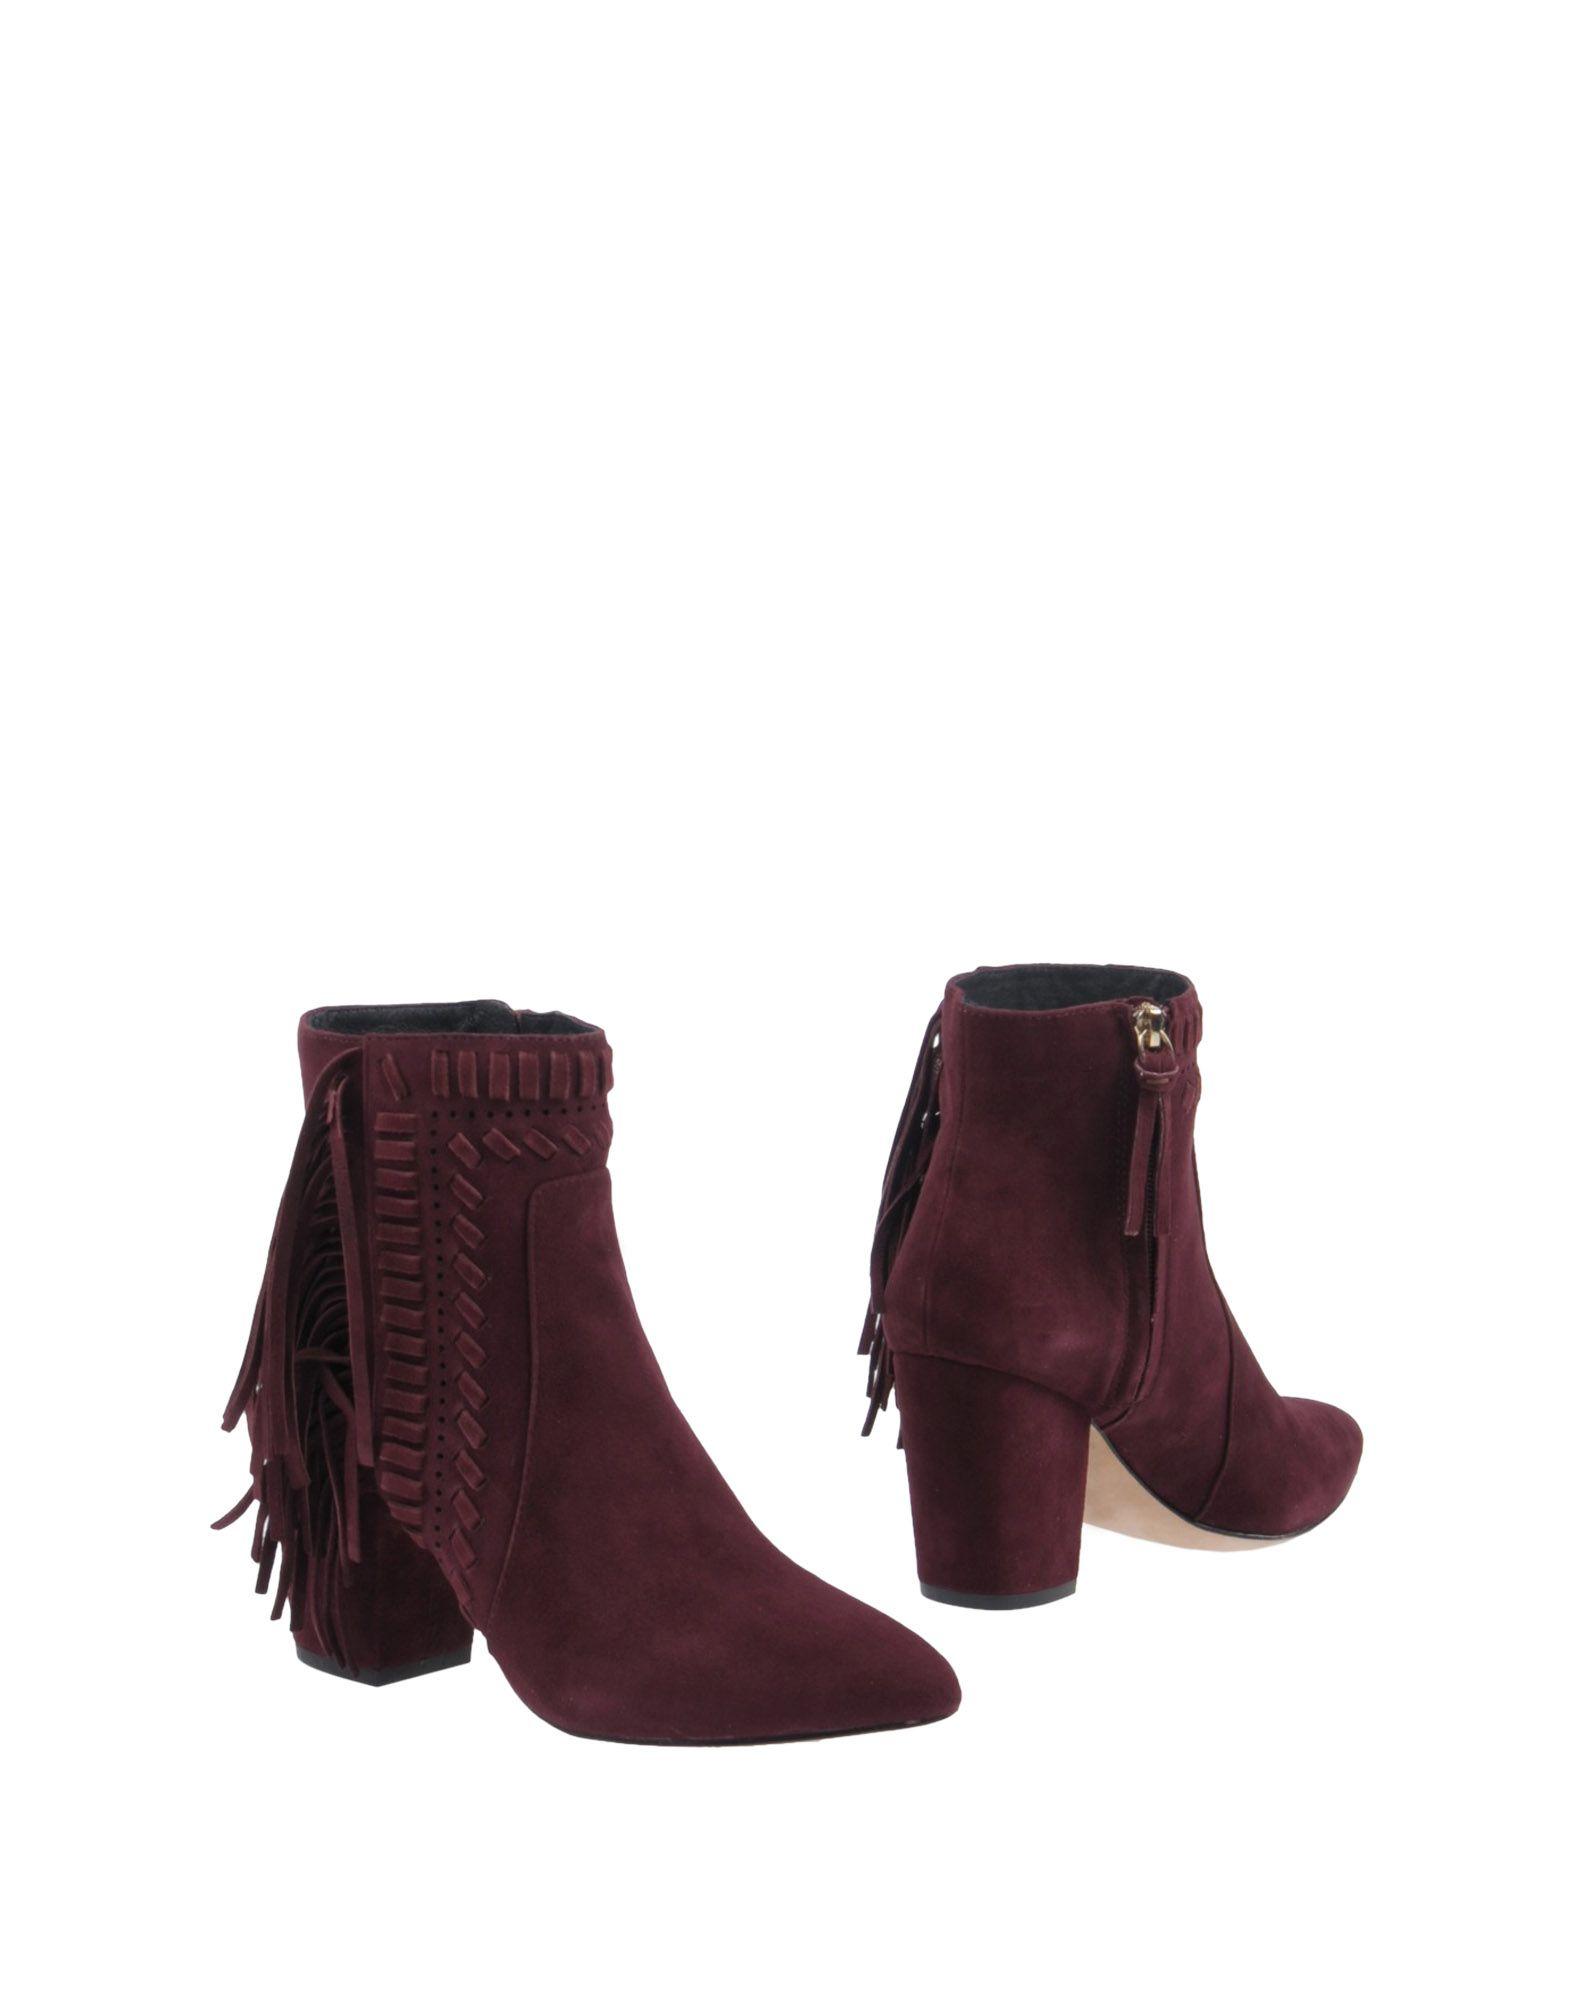 Rebecca Minkoff Stiefelette Damen  11219609OQGut aussehende strapazierfähige Schuhe